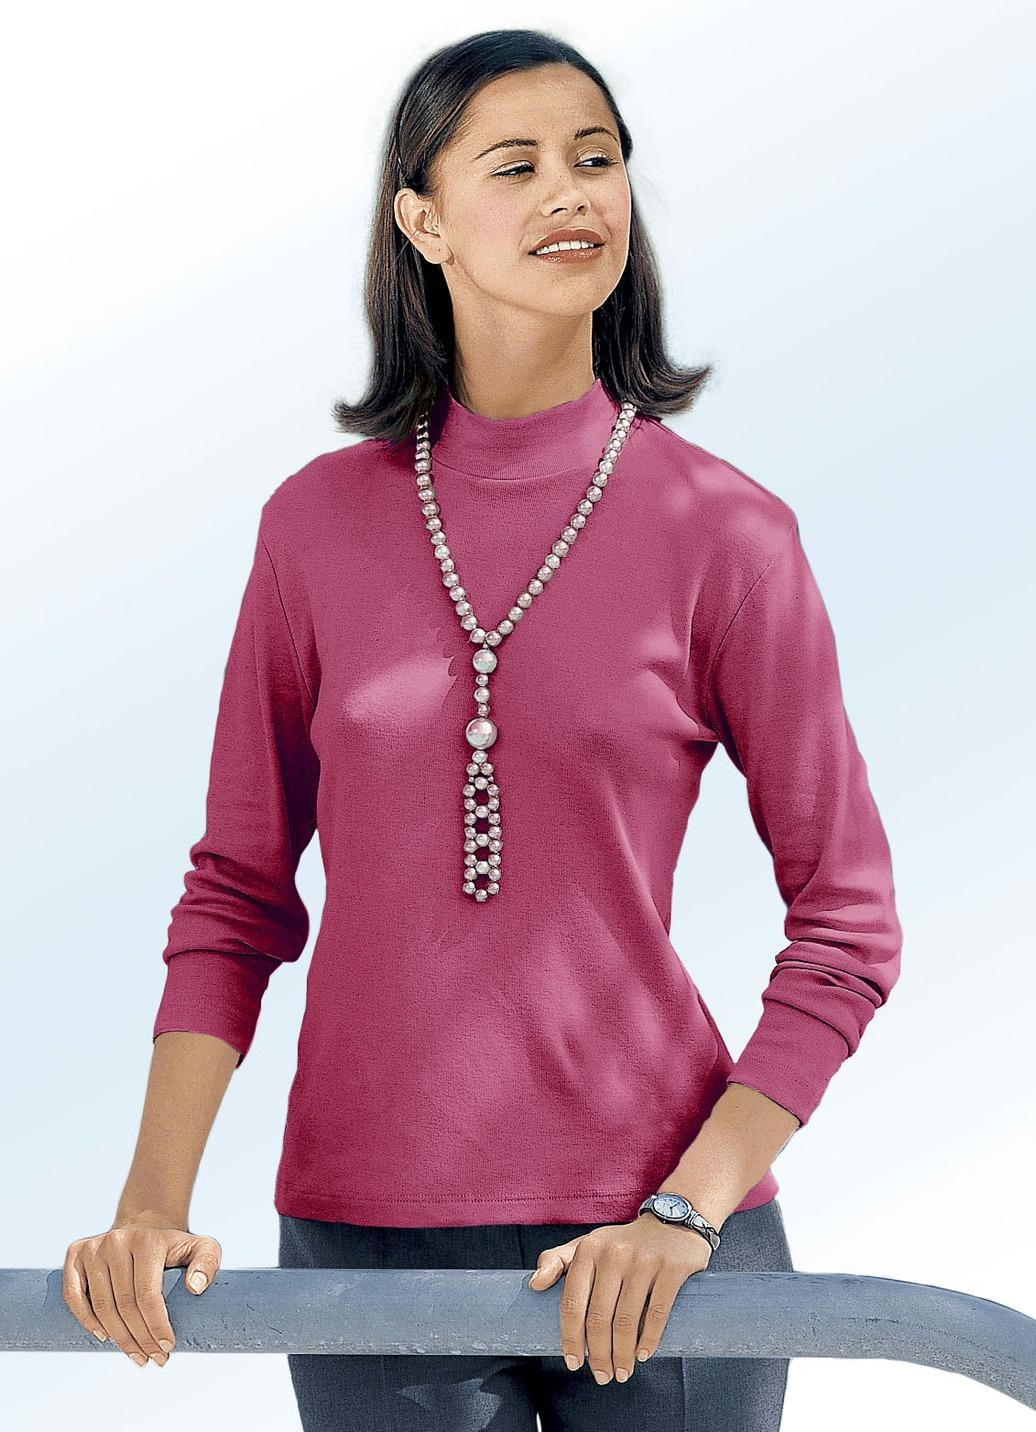 Flottes Shirt in 15 Farben, Brombeere, Größe 34